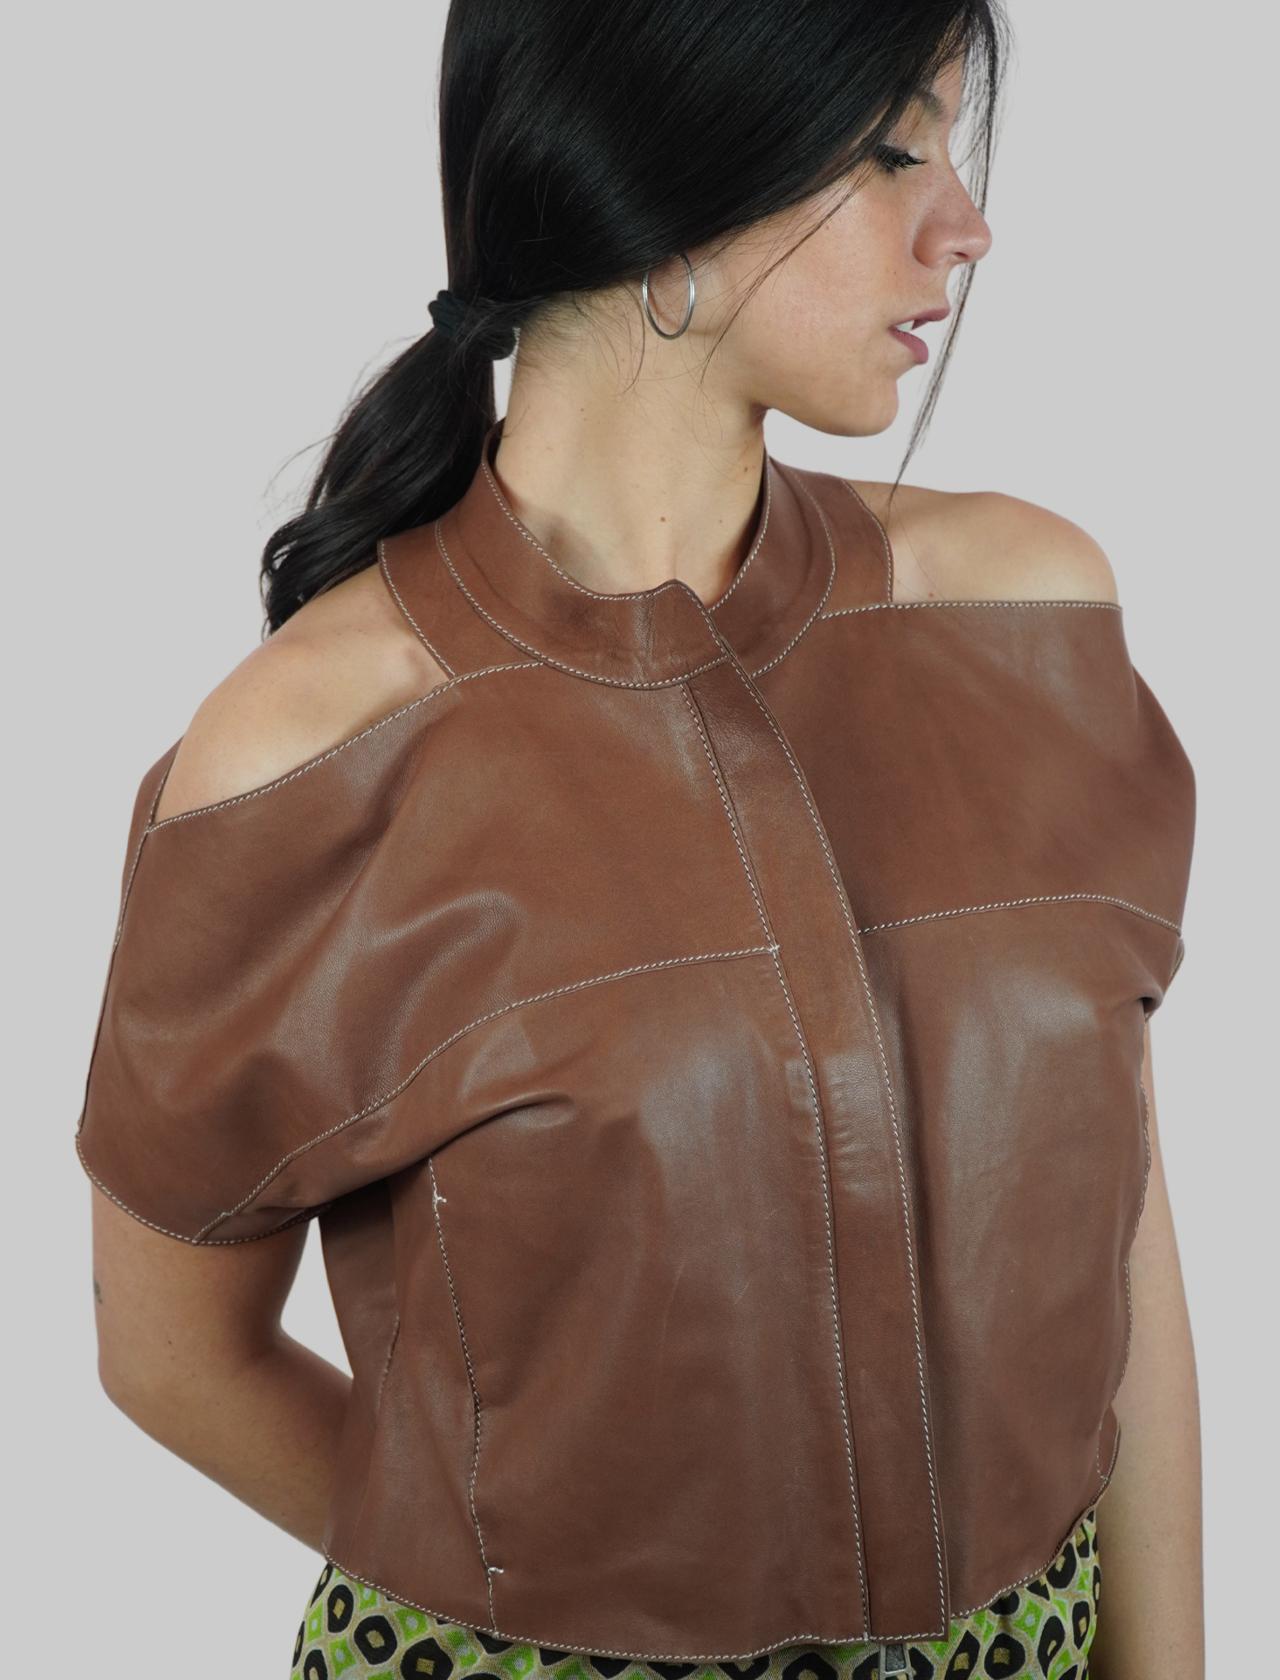 Abbigliamento Donna Giubbino in Pelle Cuoio Corto a Mezza Manica Spatarella | Giacche e giubbini | 2158014